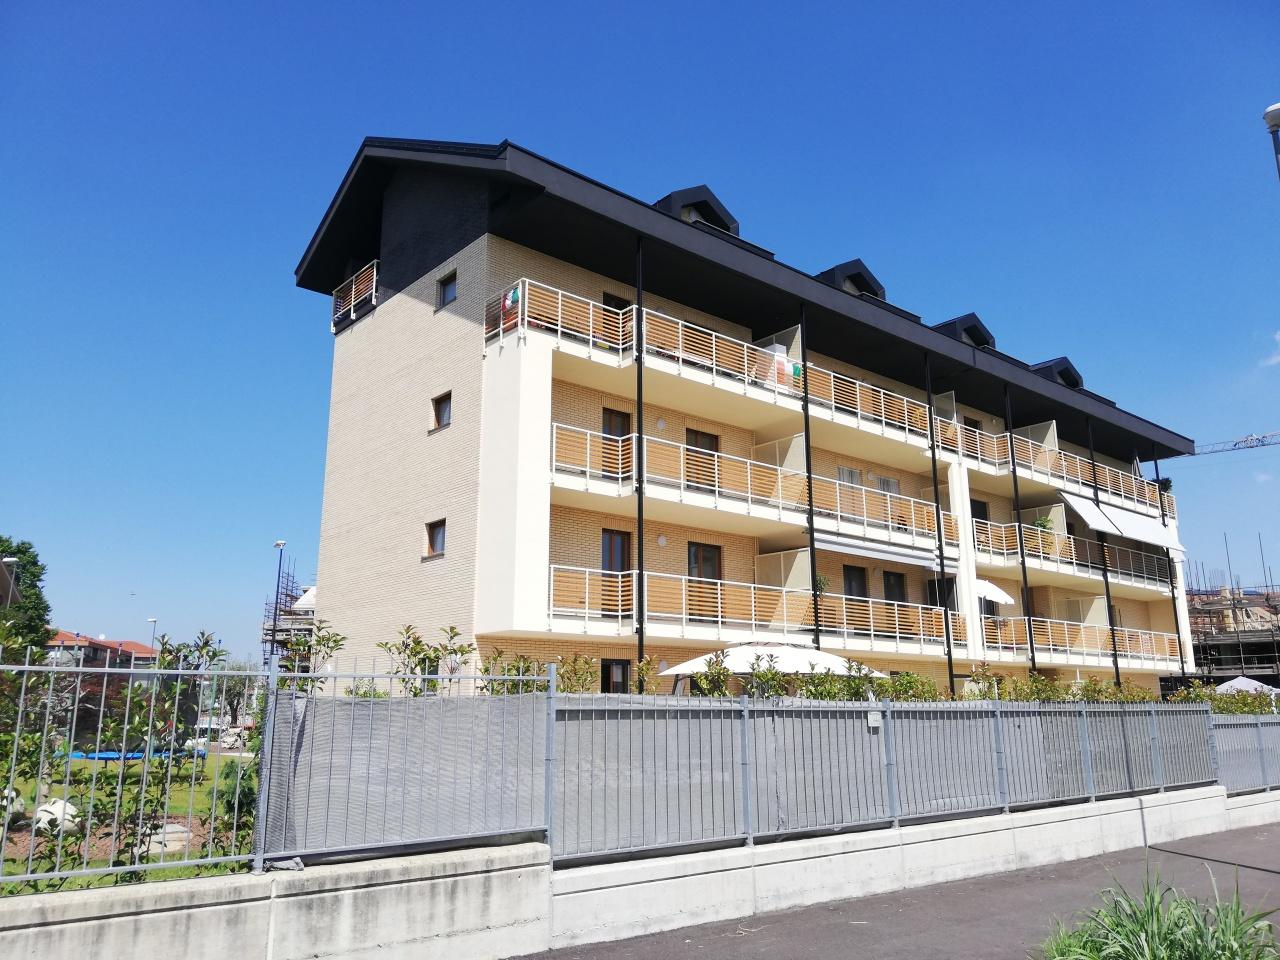 Appartamento in vendita a Druento, 3 locali, prezzo € 231.000 | PortaleAgenzieImmobiliari.it